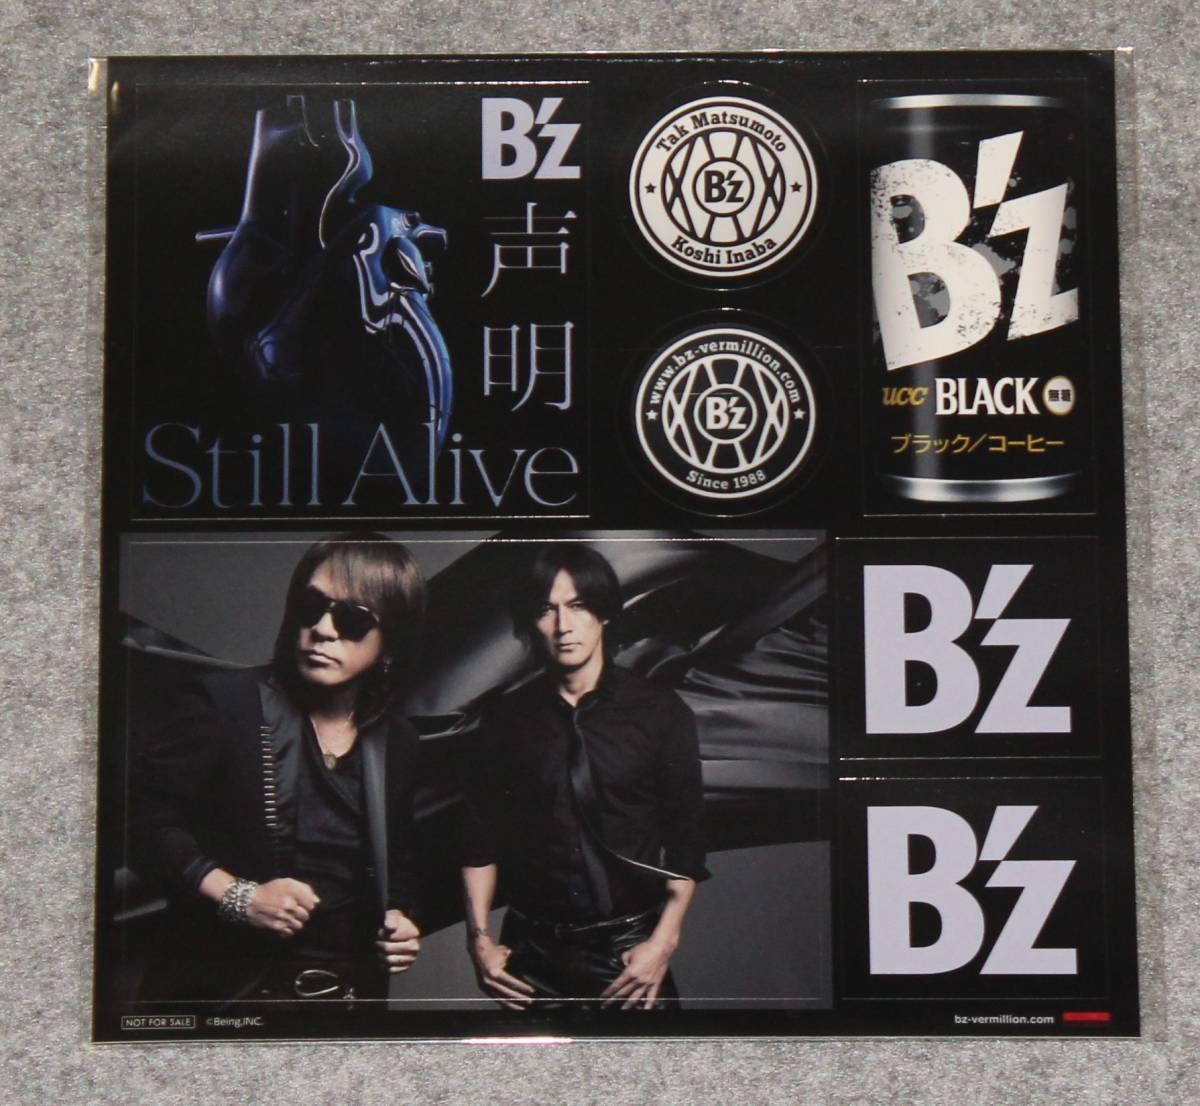 B'z オリジナル・ステッカーシート [声明 / Still Alive] 稲葉浩志/松本孝弘